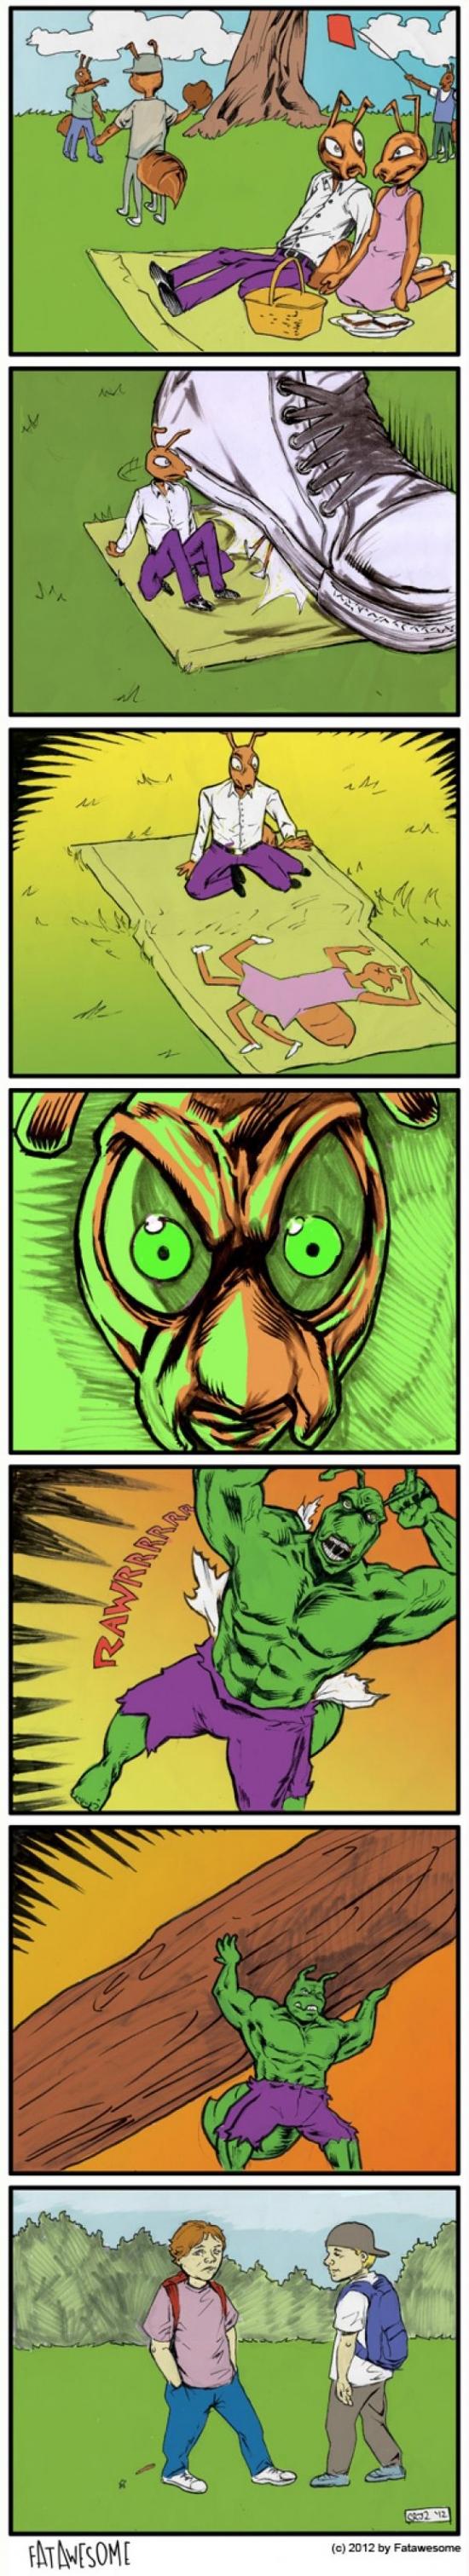 Otros - ¡No debiste hacer enfadar a la hormiga Hulk!